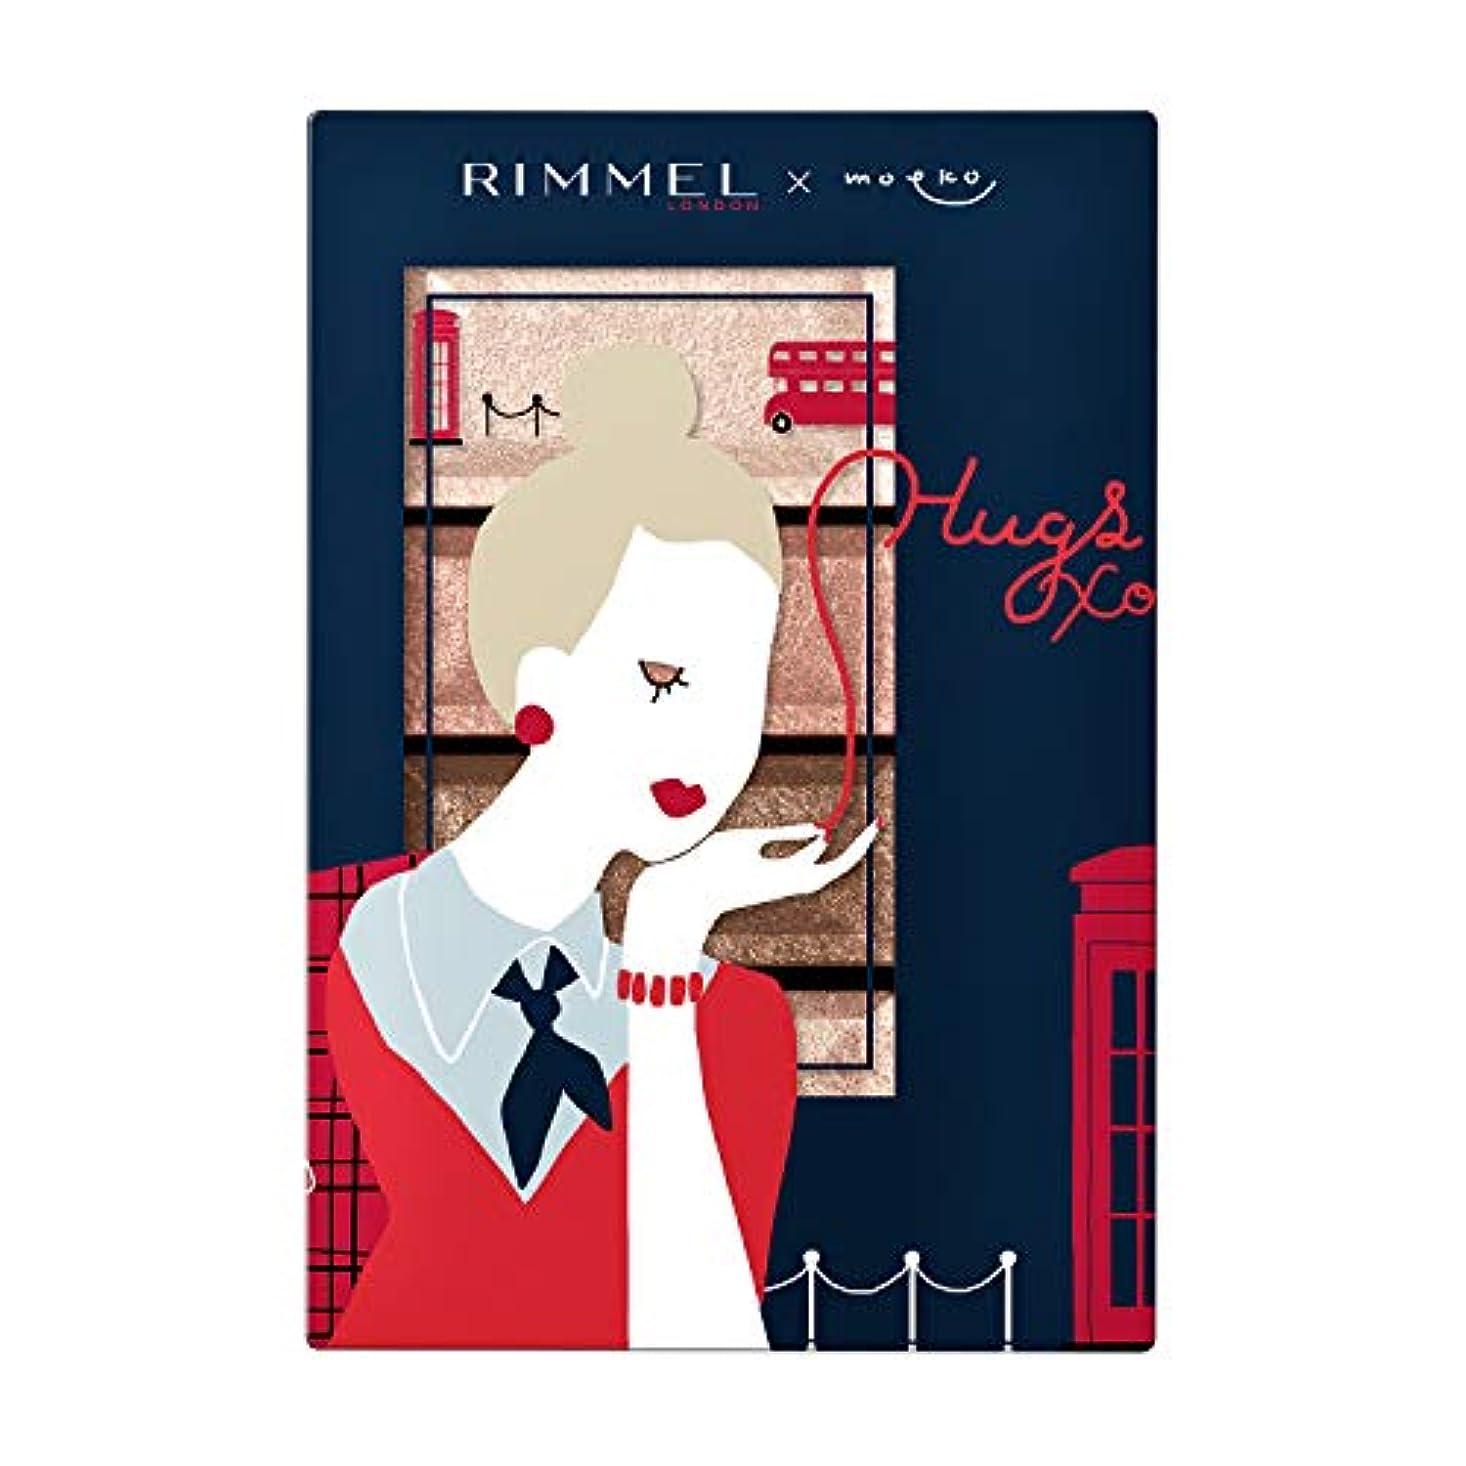 適度なじゃない同情Rimmel (リンメル) ショコラスウィート アイズ アイシャドウ MO 015 ストロベリーショコラ 4.5g